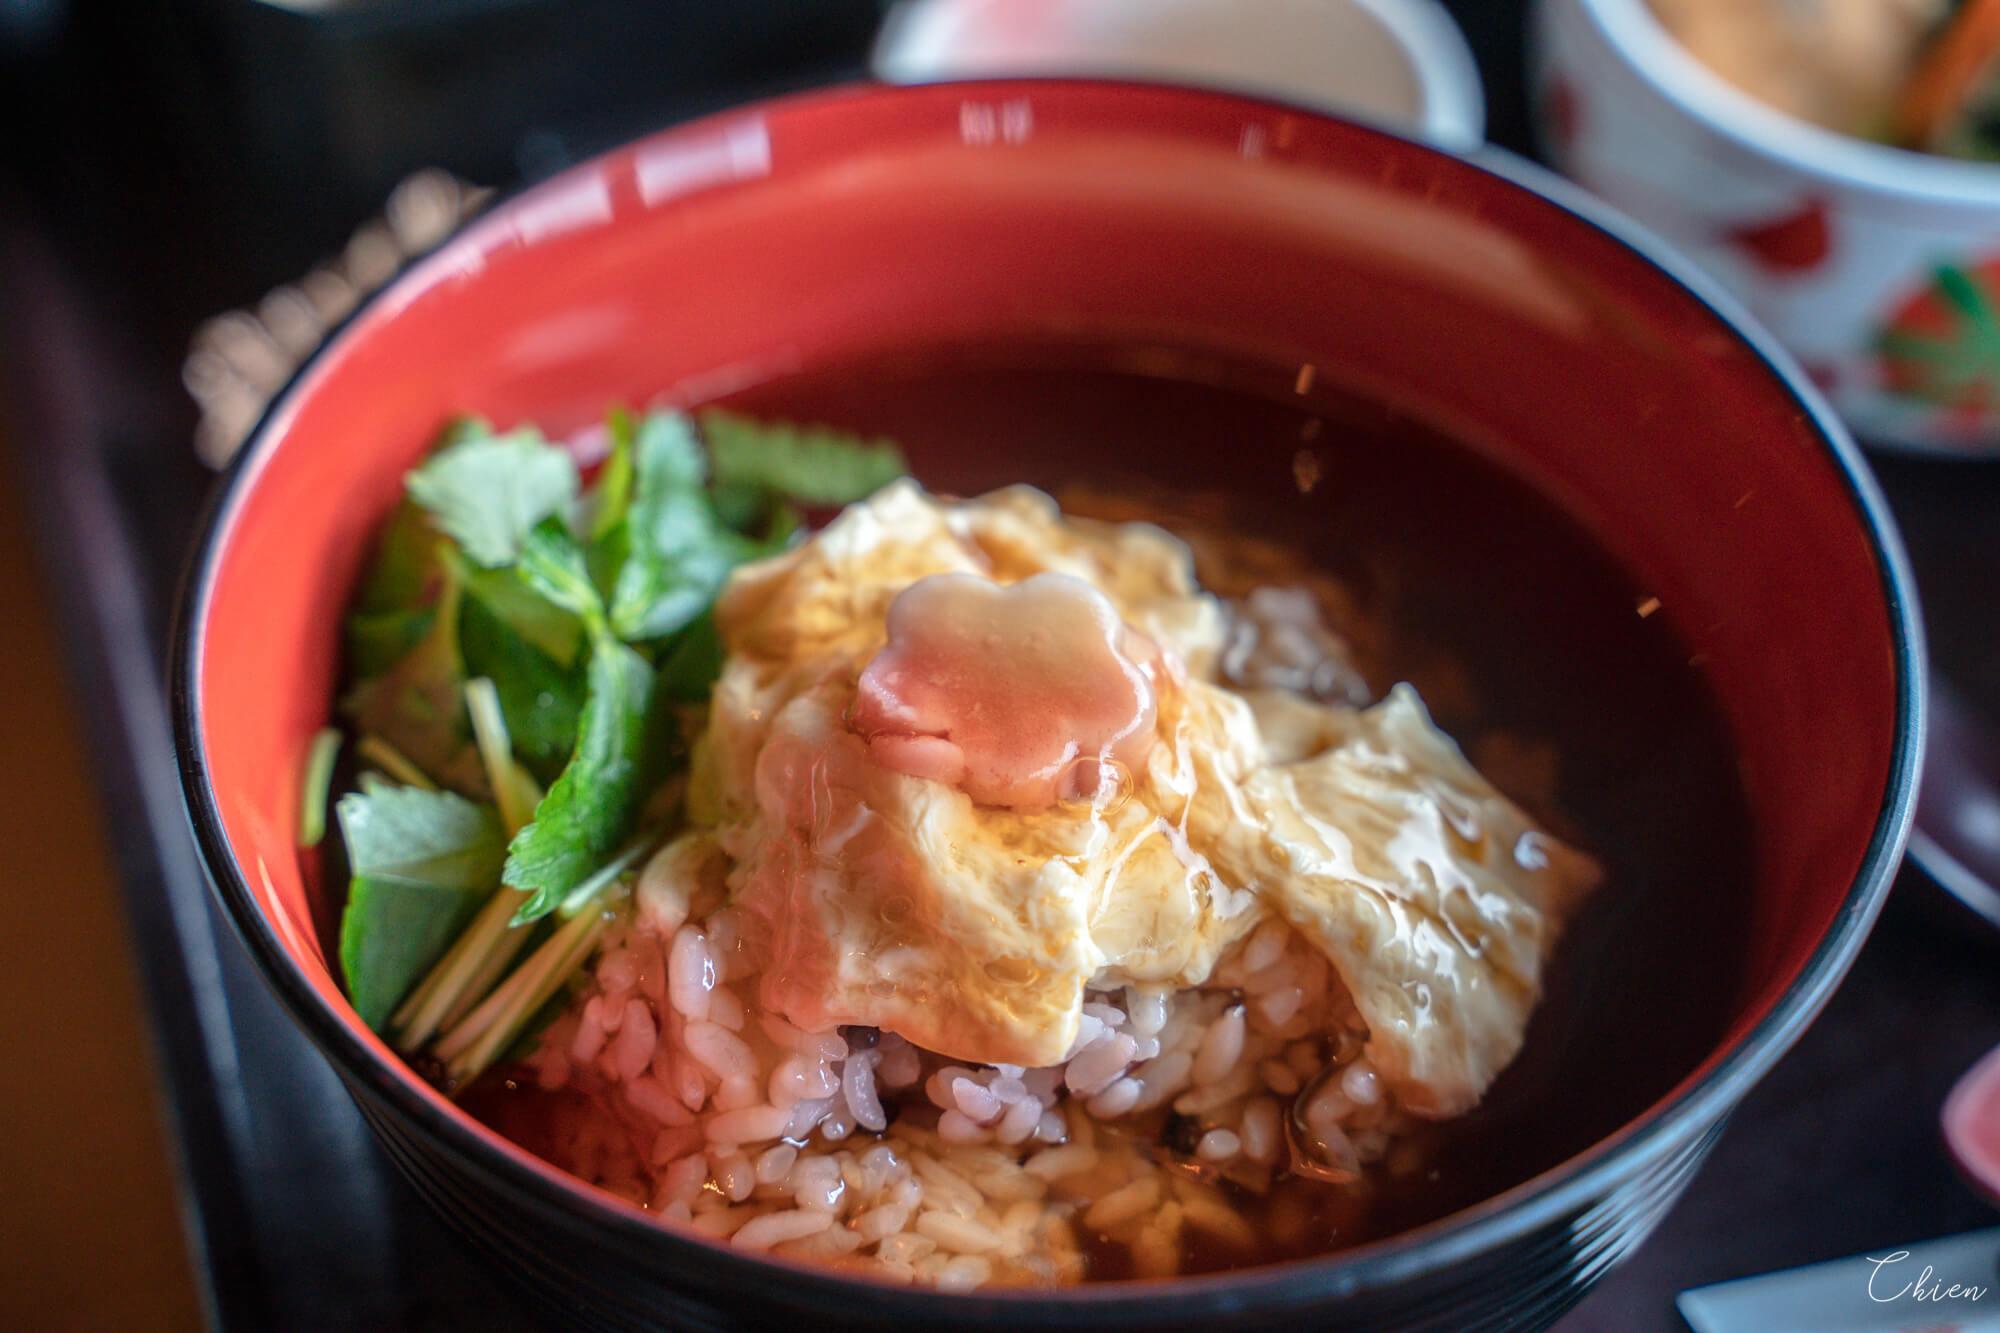 京都嵐山美食「嵯峨とうふ 稲」燴飯